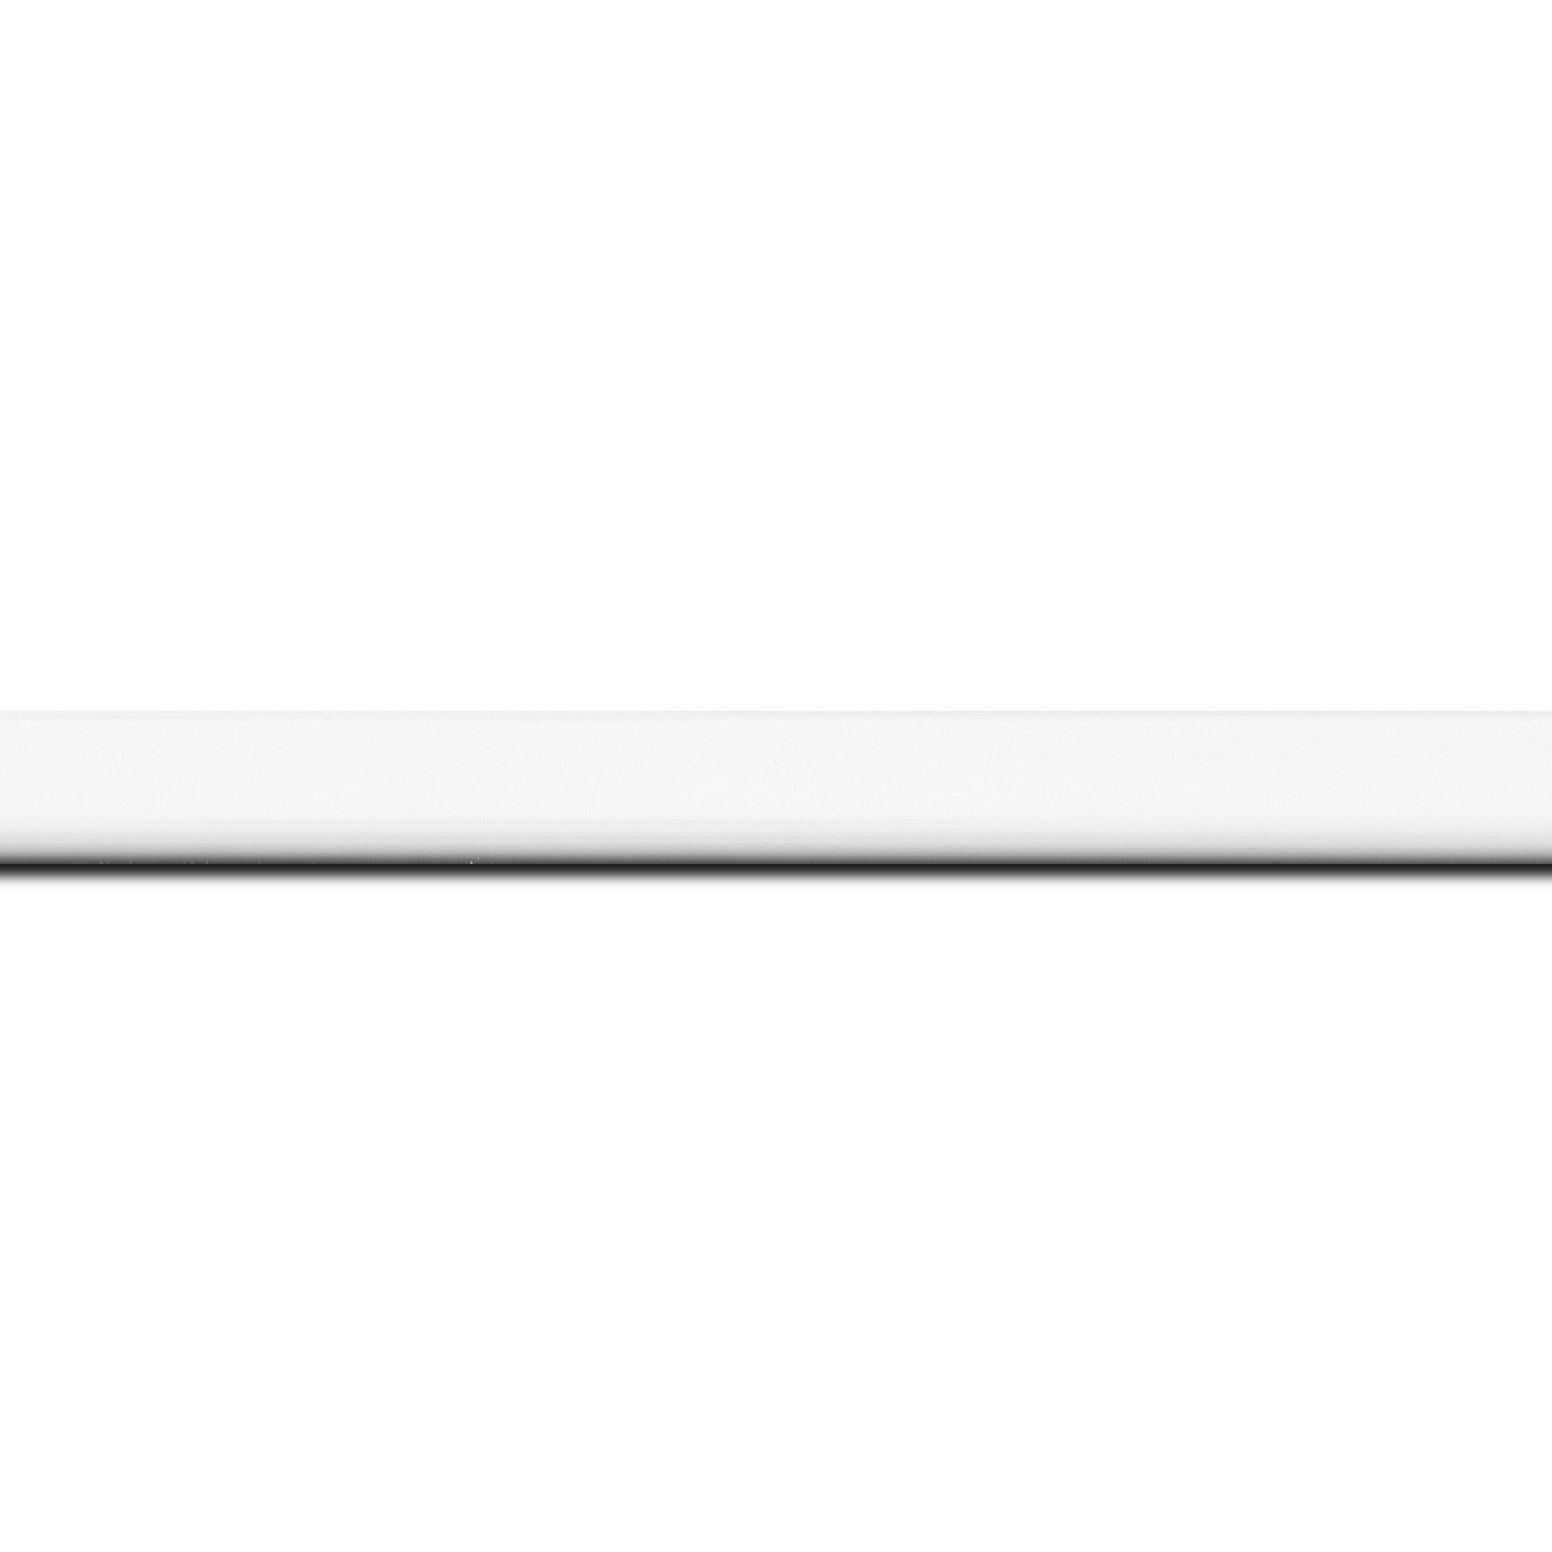 Pack par 12m, bois profil méplat largeur 1.4cm couleur blanc laqué (longueur baguette pouvant varier entre 2.40m et 3m selon arrivage des bois)